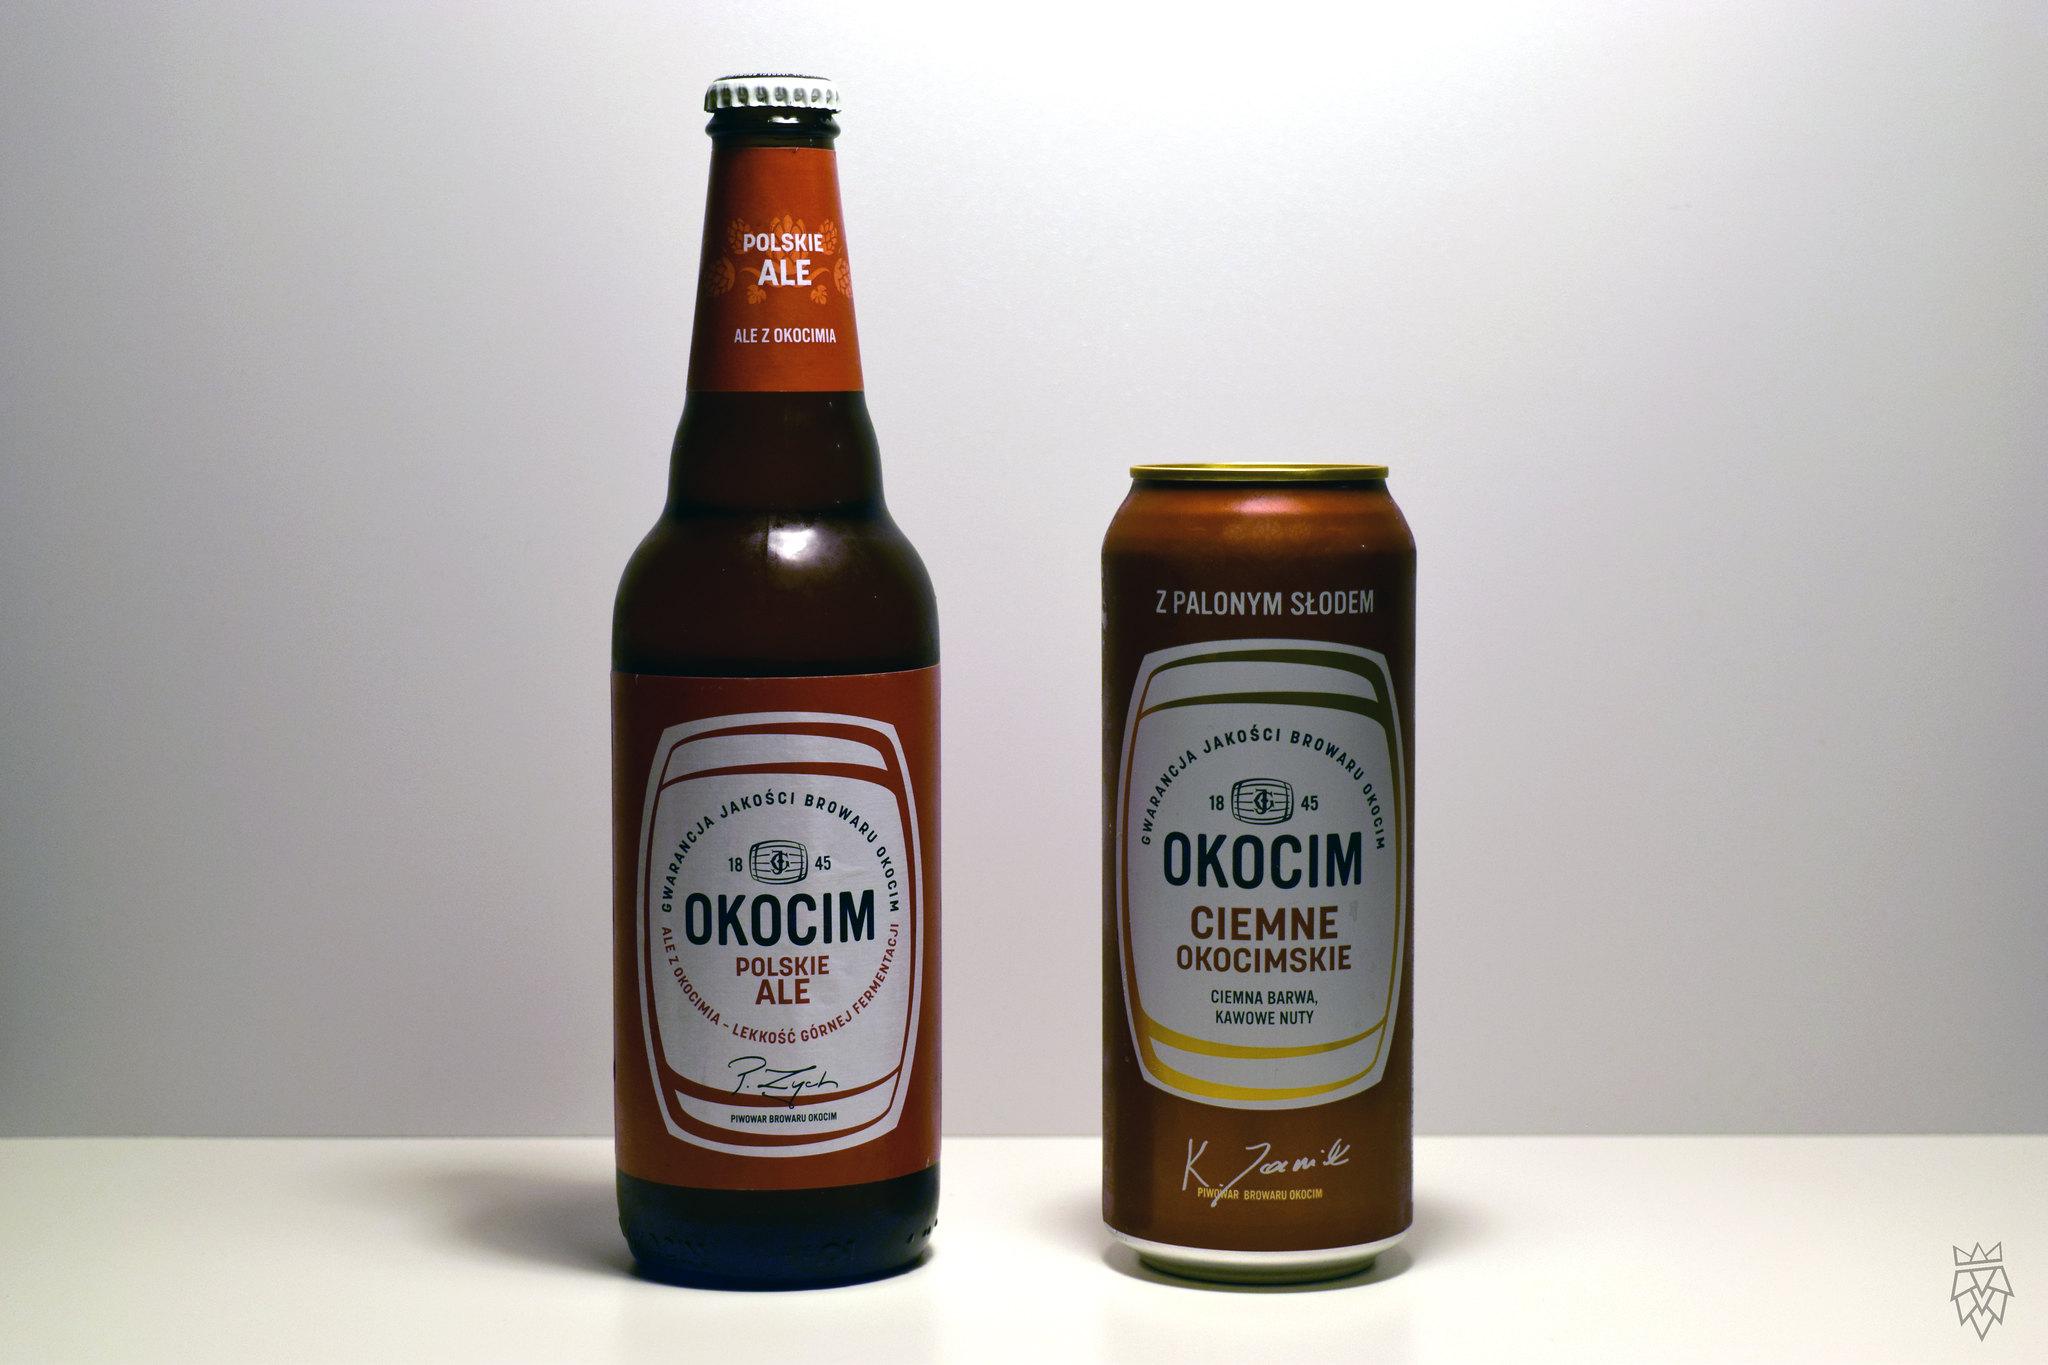 Okocim Polskie Ale, Ciemne Okocimskie